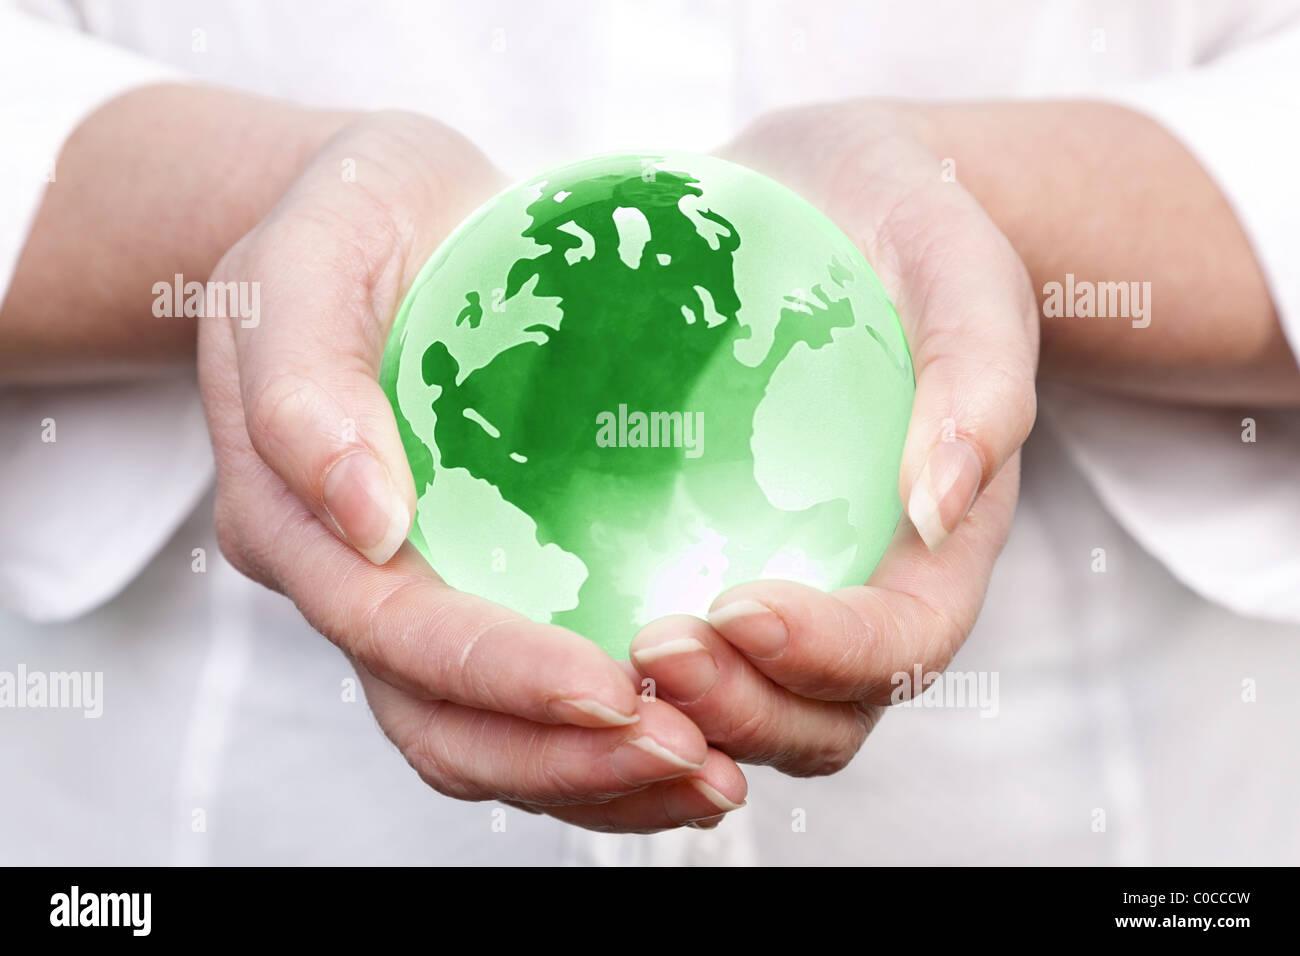 Foto einer Frau mit einer Glaskugel Gree in ihren Händen, Konzept-Bild für weltweit und globale Umwelt Stockbild